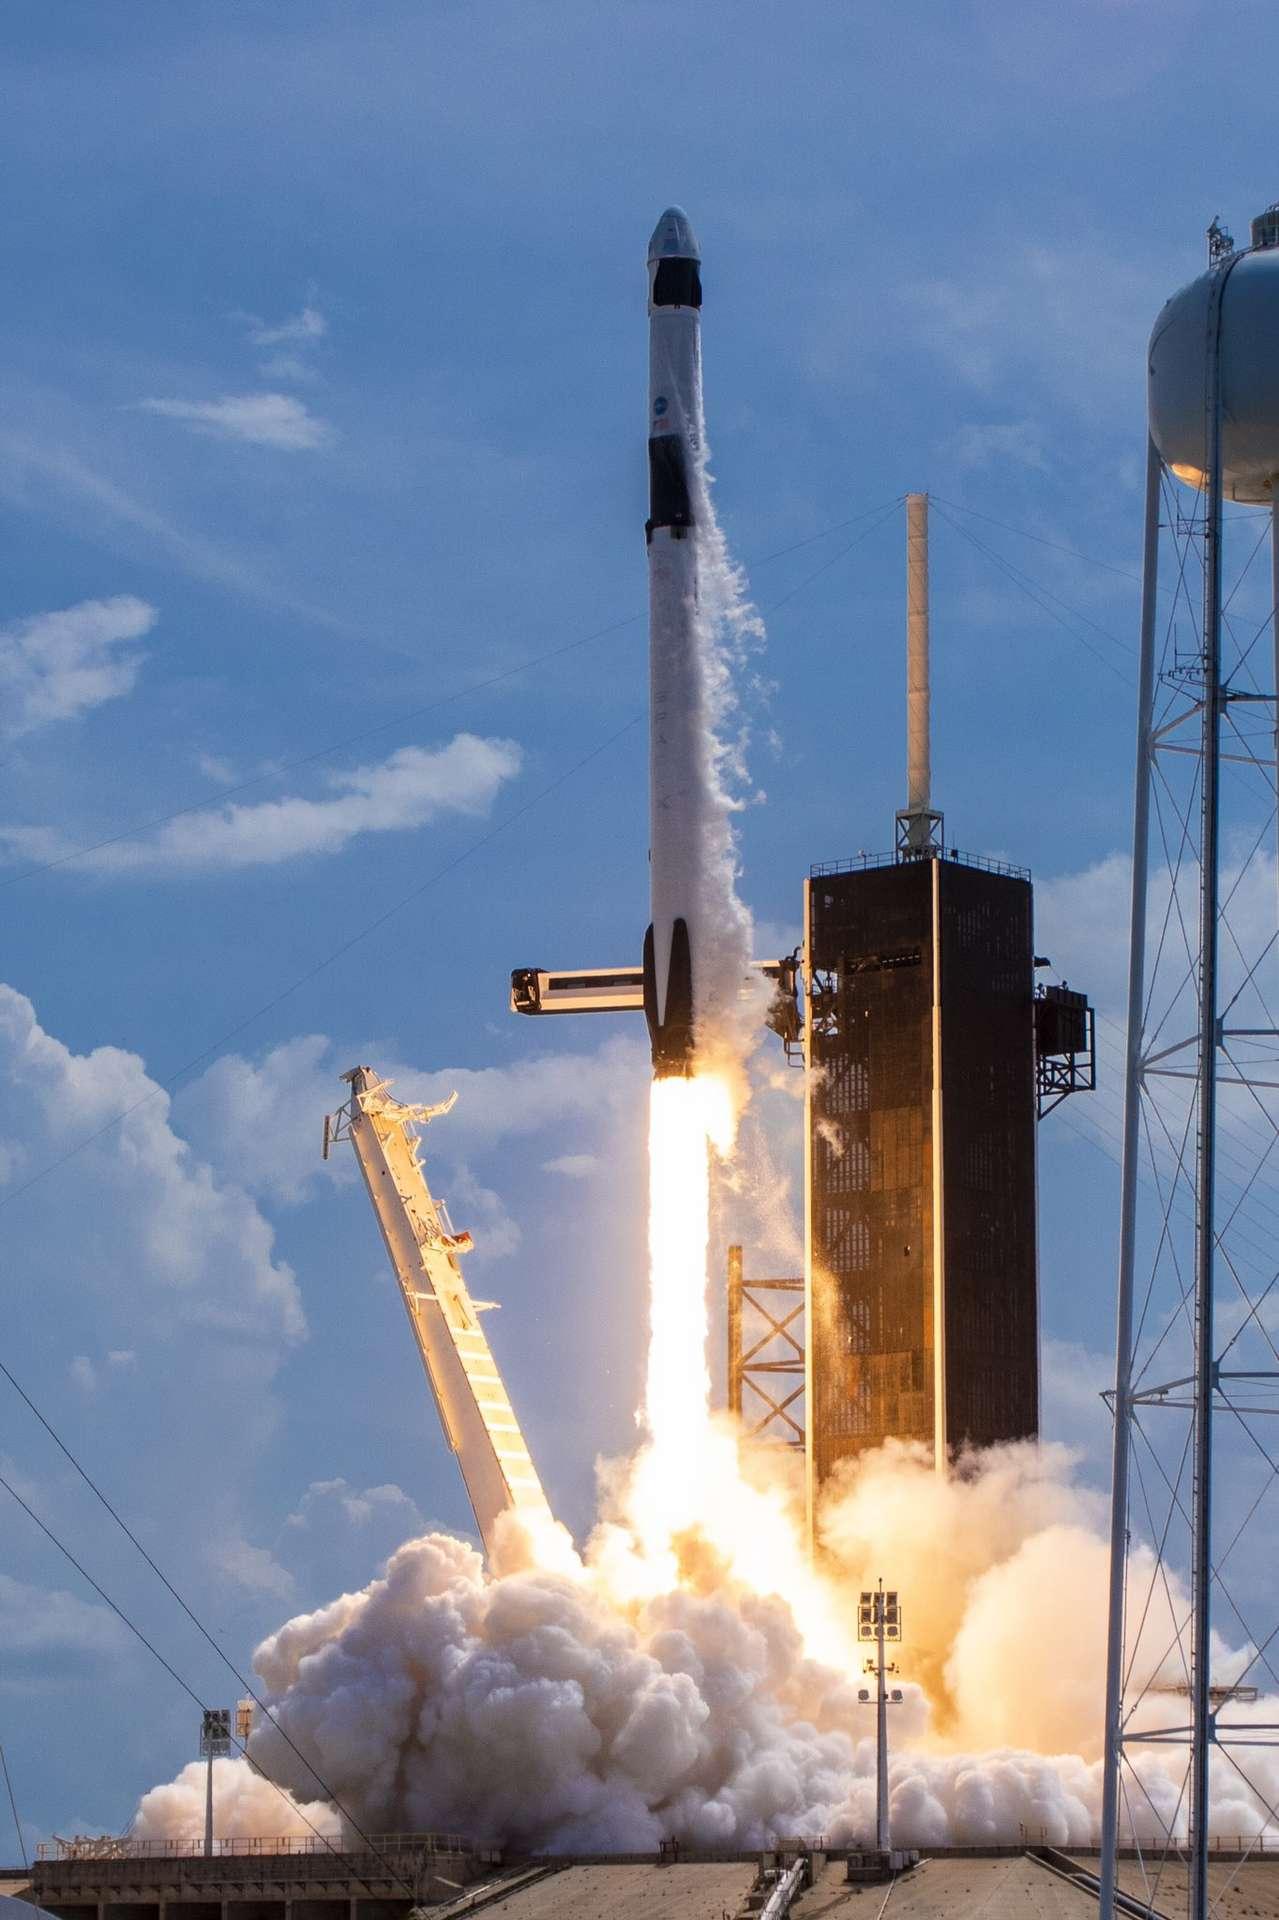 La fusée Falcon-9 de SpaceX s'est envolée ce samedi 30 mai à 21 h 22 heure française avec, à son bord, les deux astronautes américains Bob Behnken et Doug Hurley. © Nasa